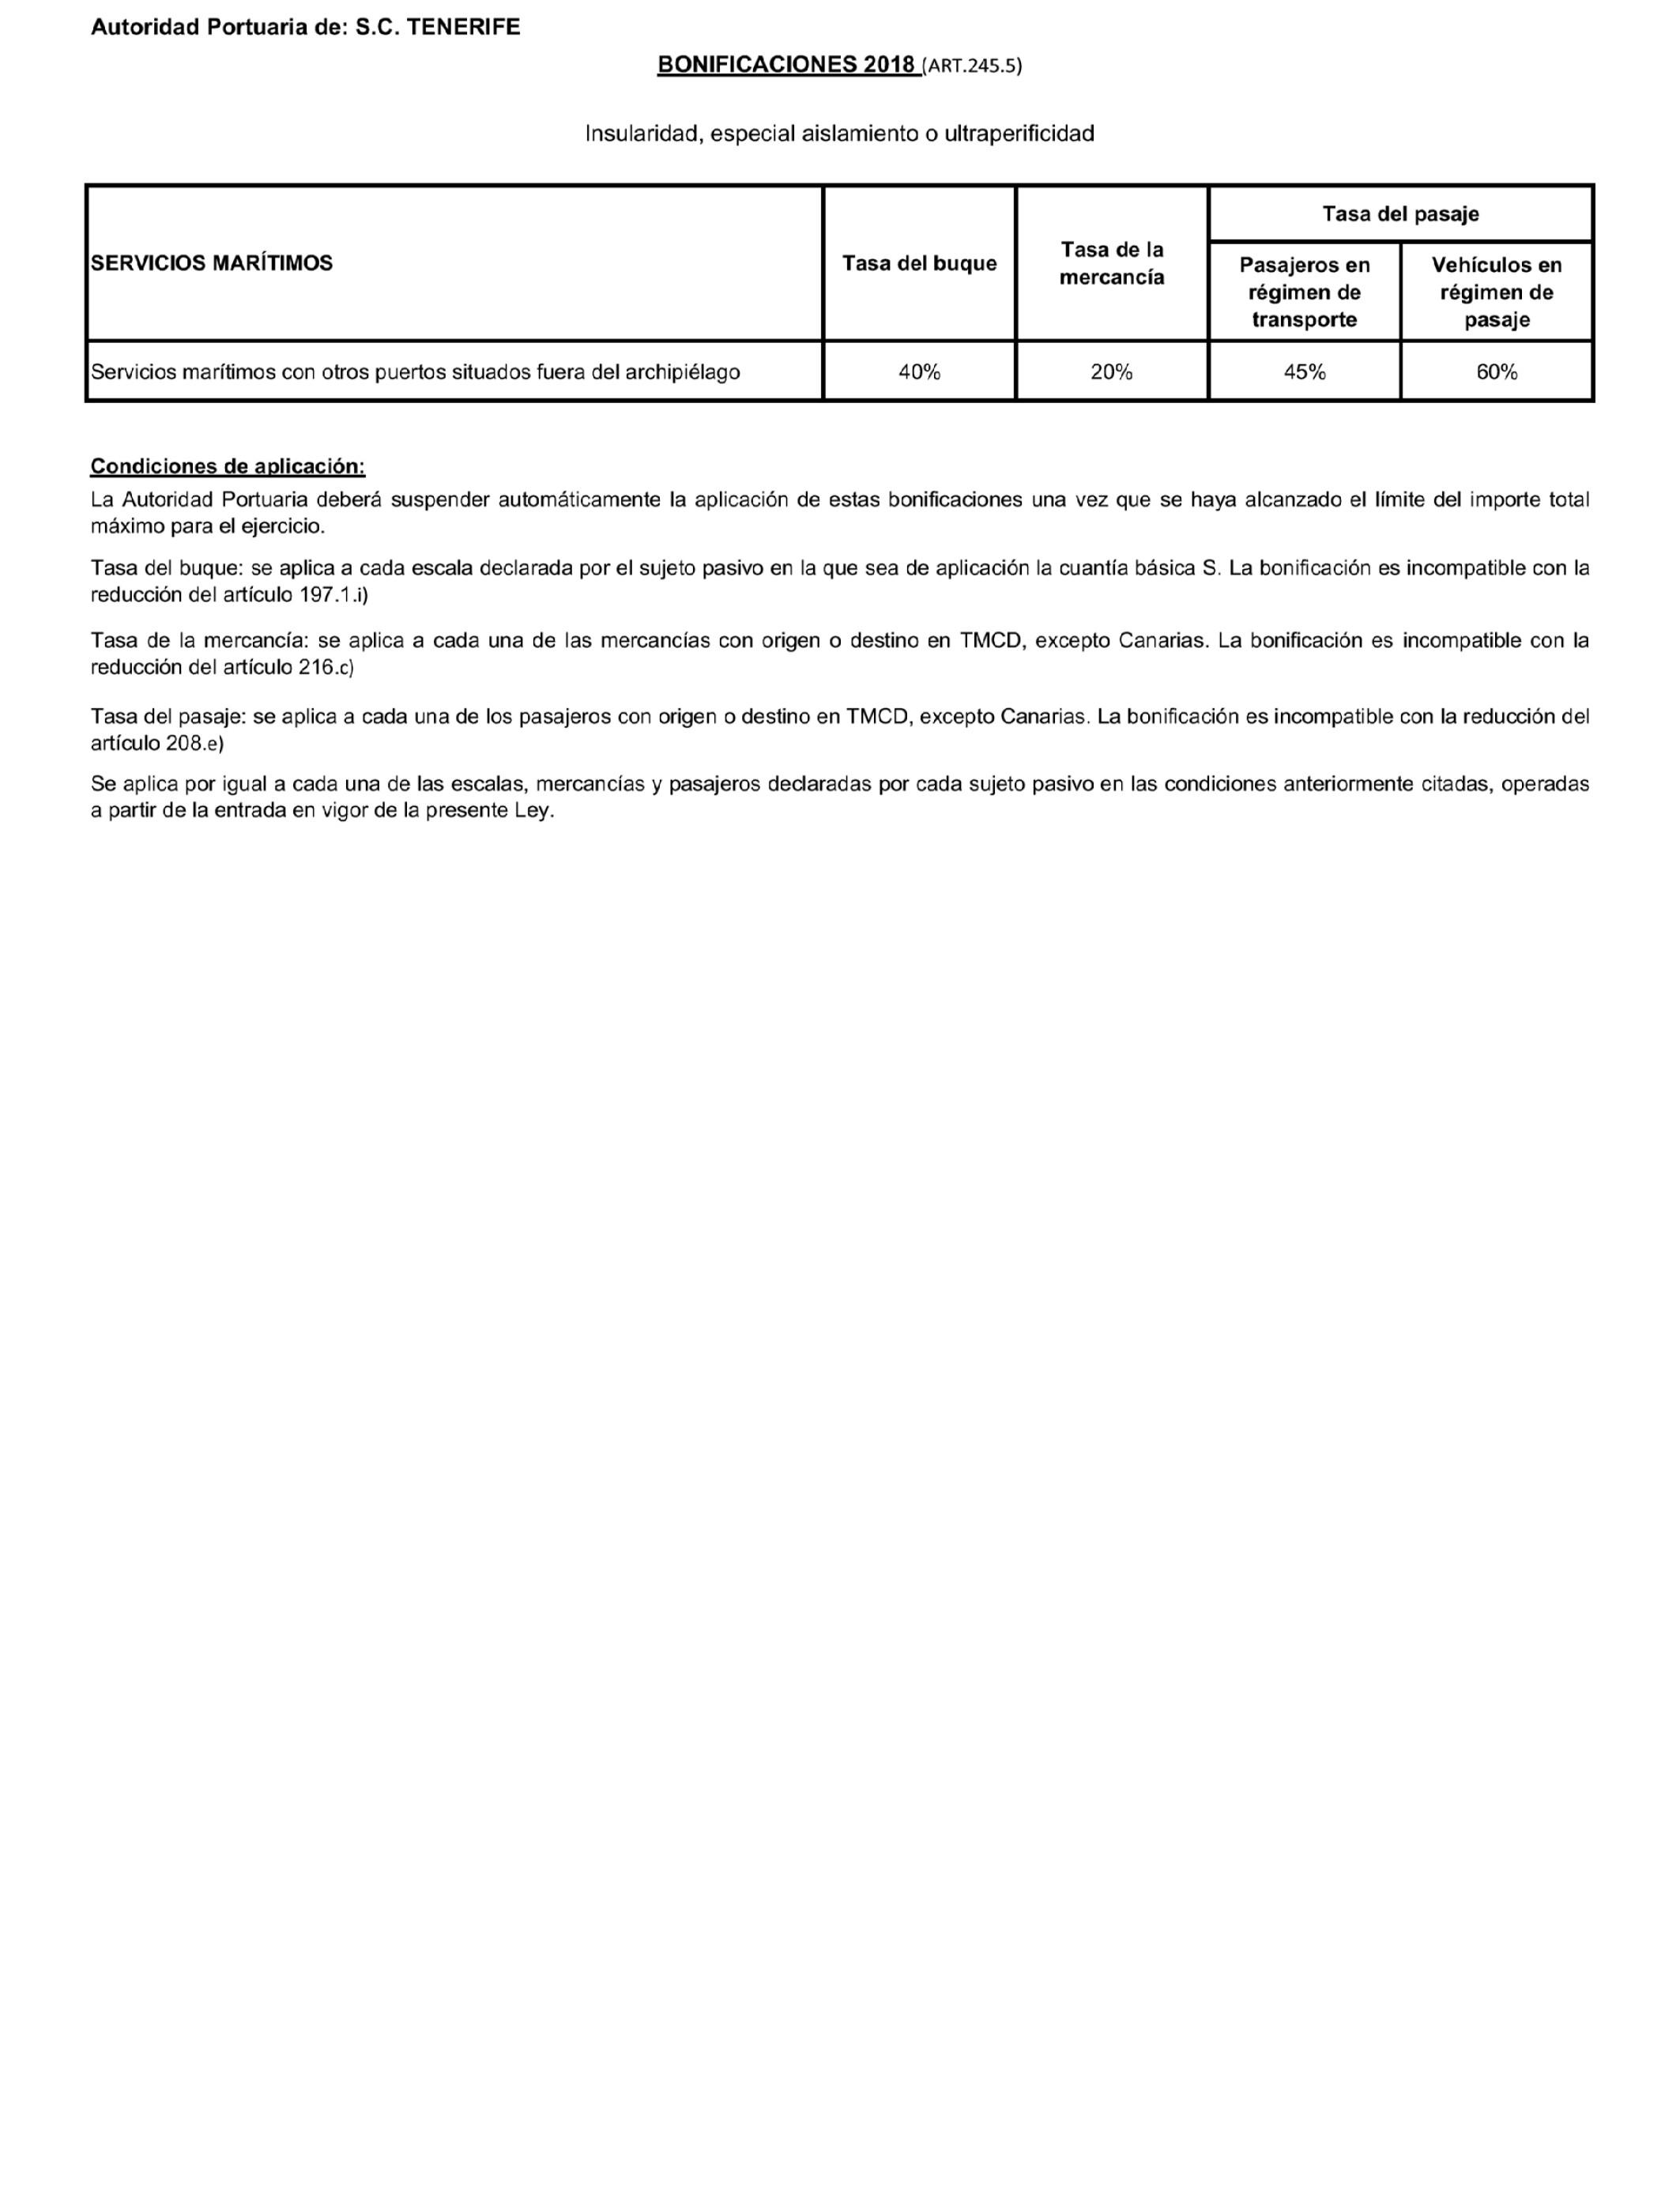 Calendario Escolar 2019 andalucia Sevilla Recientes Boe Documento Consolidado Boe A 2018 9268 Of Calendario Escolar 2019 andalucia Sevilla Recientes El Giraldillo todos Los eventos Del 4 De Diciembre En andaluca